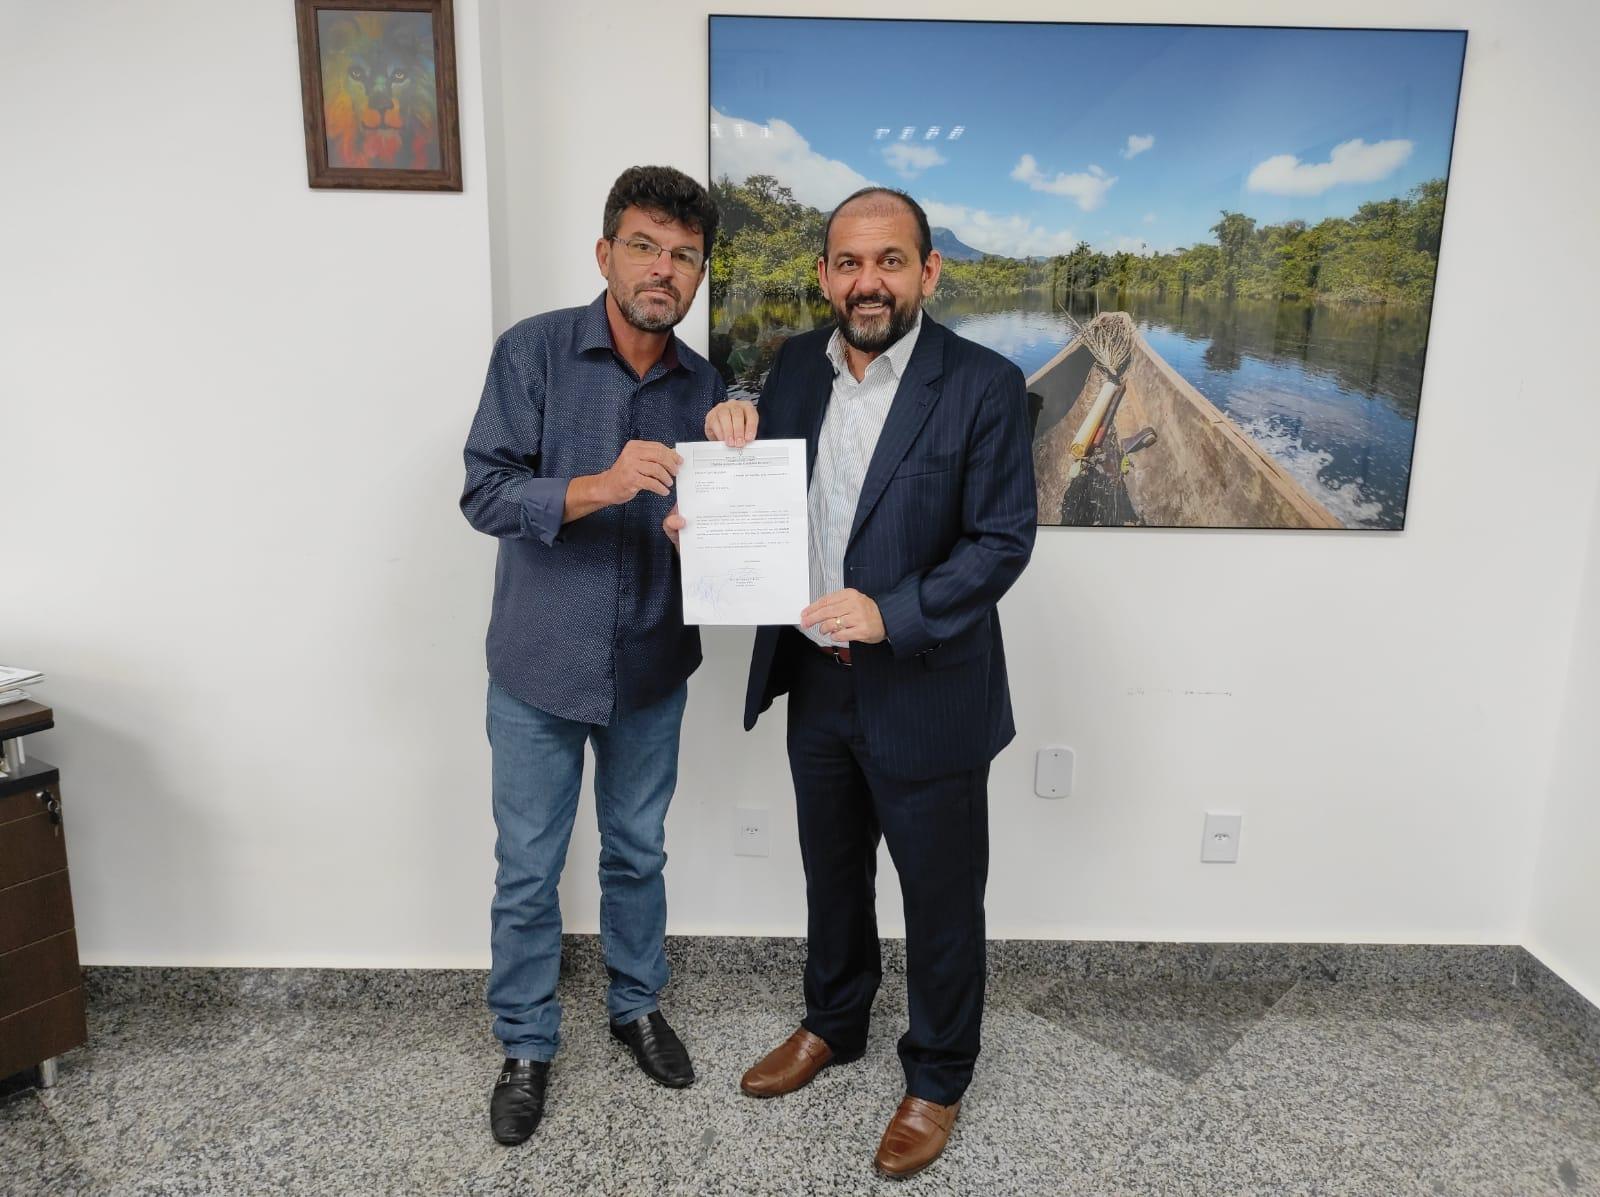 Deputado Laerte Gomes garante recurso para aquisição de playground que atenderá Escola Municipal Monteiro Lobato no distrito de Terra Boa